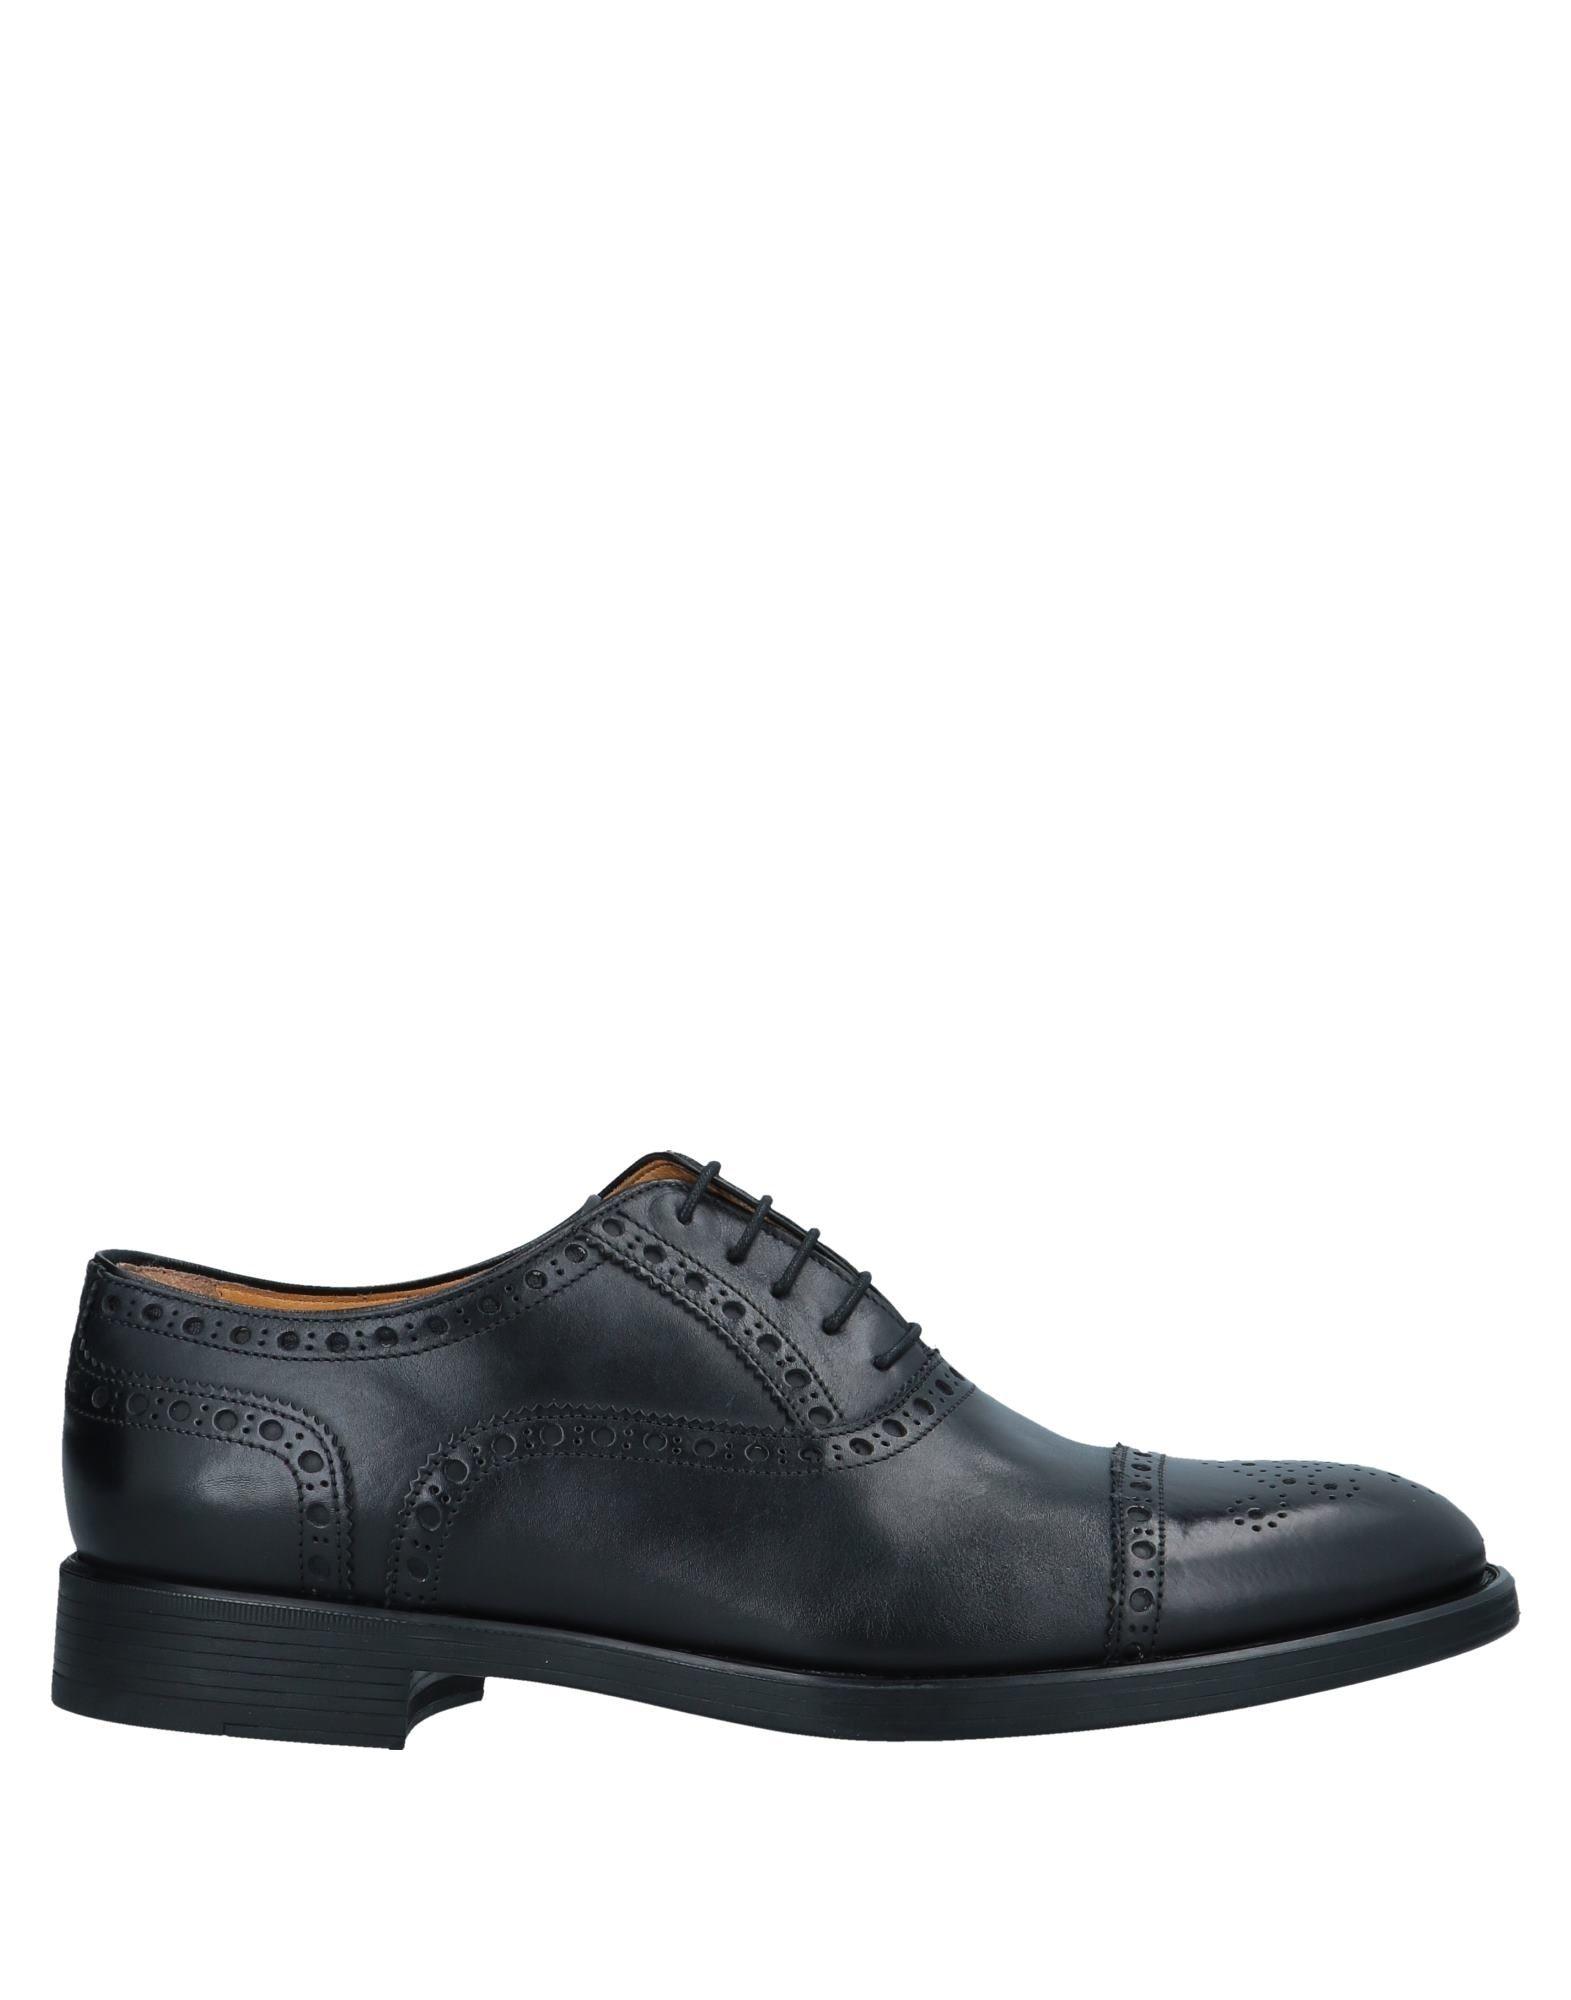 Фото - ALEXANDER TREND Обувь на шнурках обувь на высокой платформе dkny